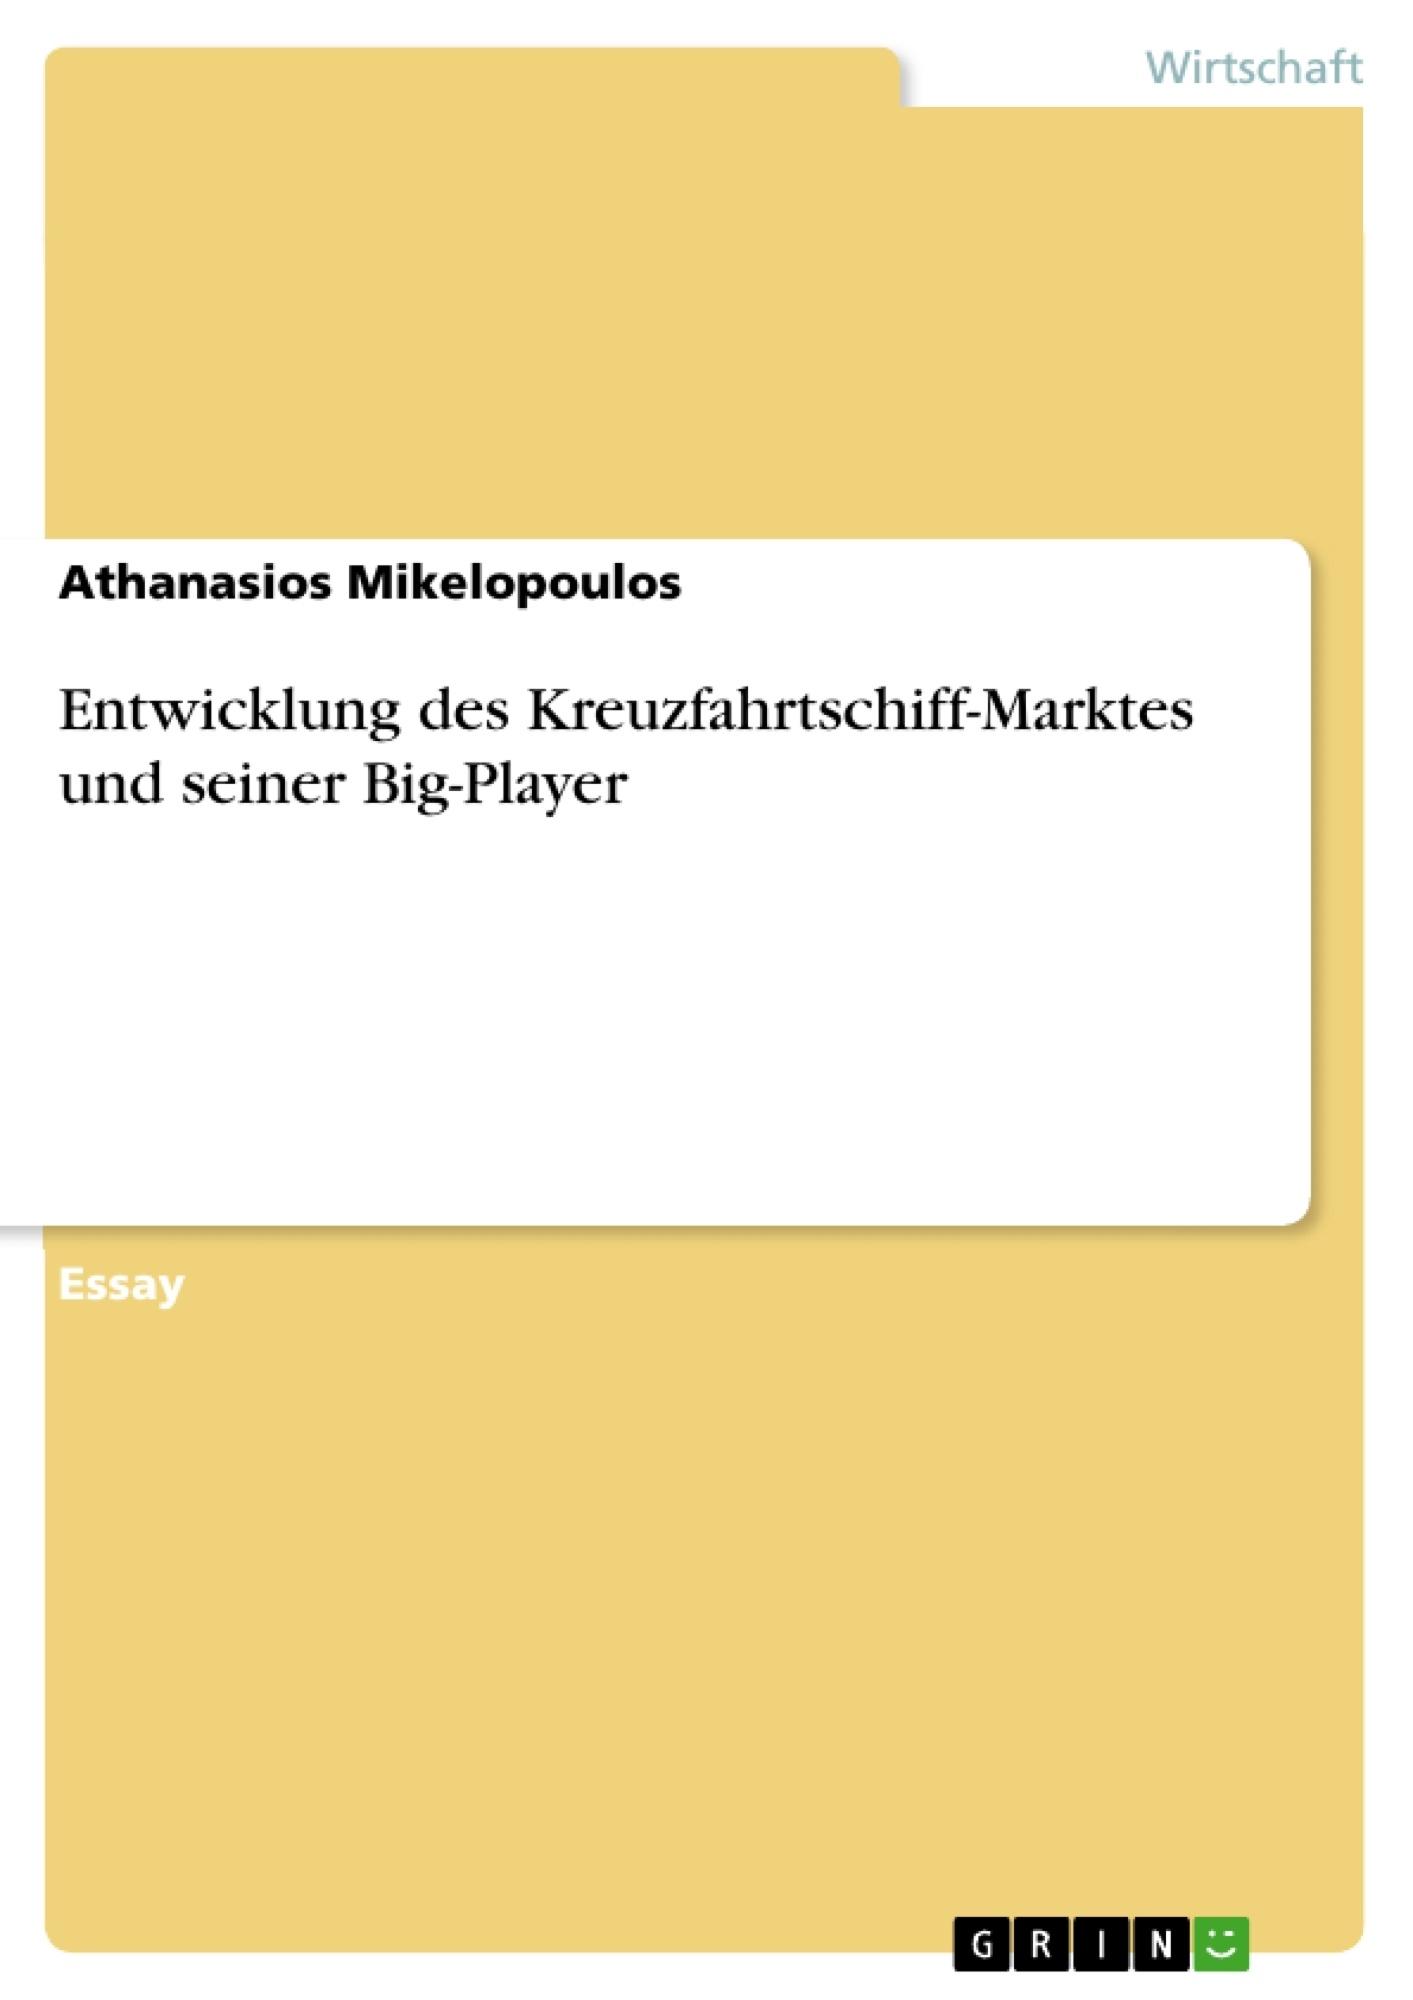 Titel: Entwicklung des Kreuzfahrtschiff-Marktes und seiner Big-Player